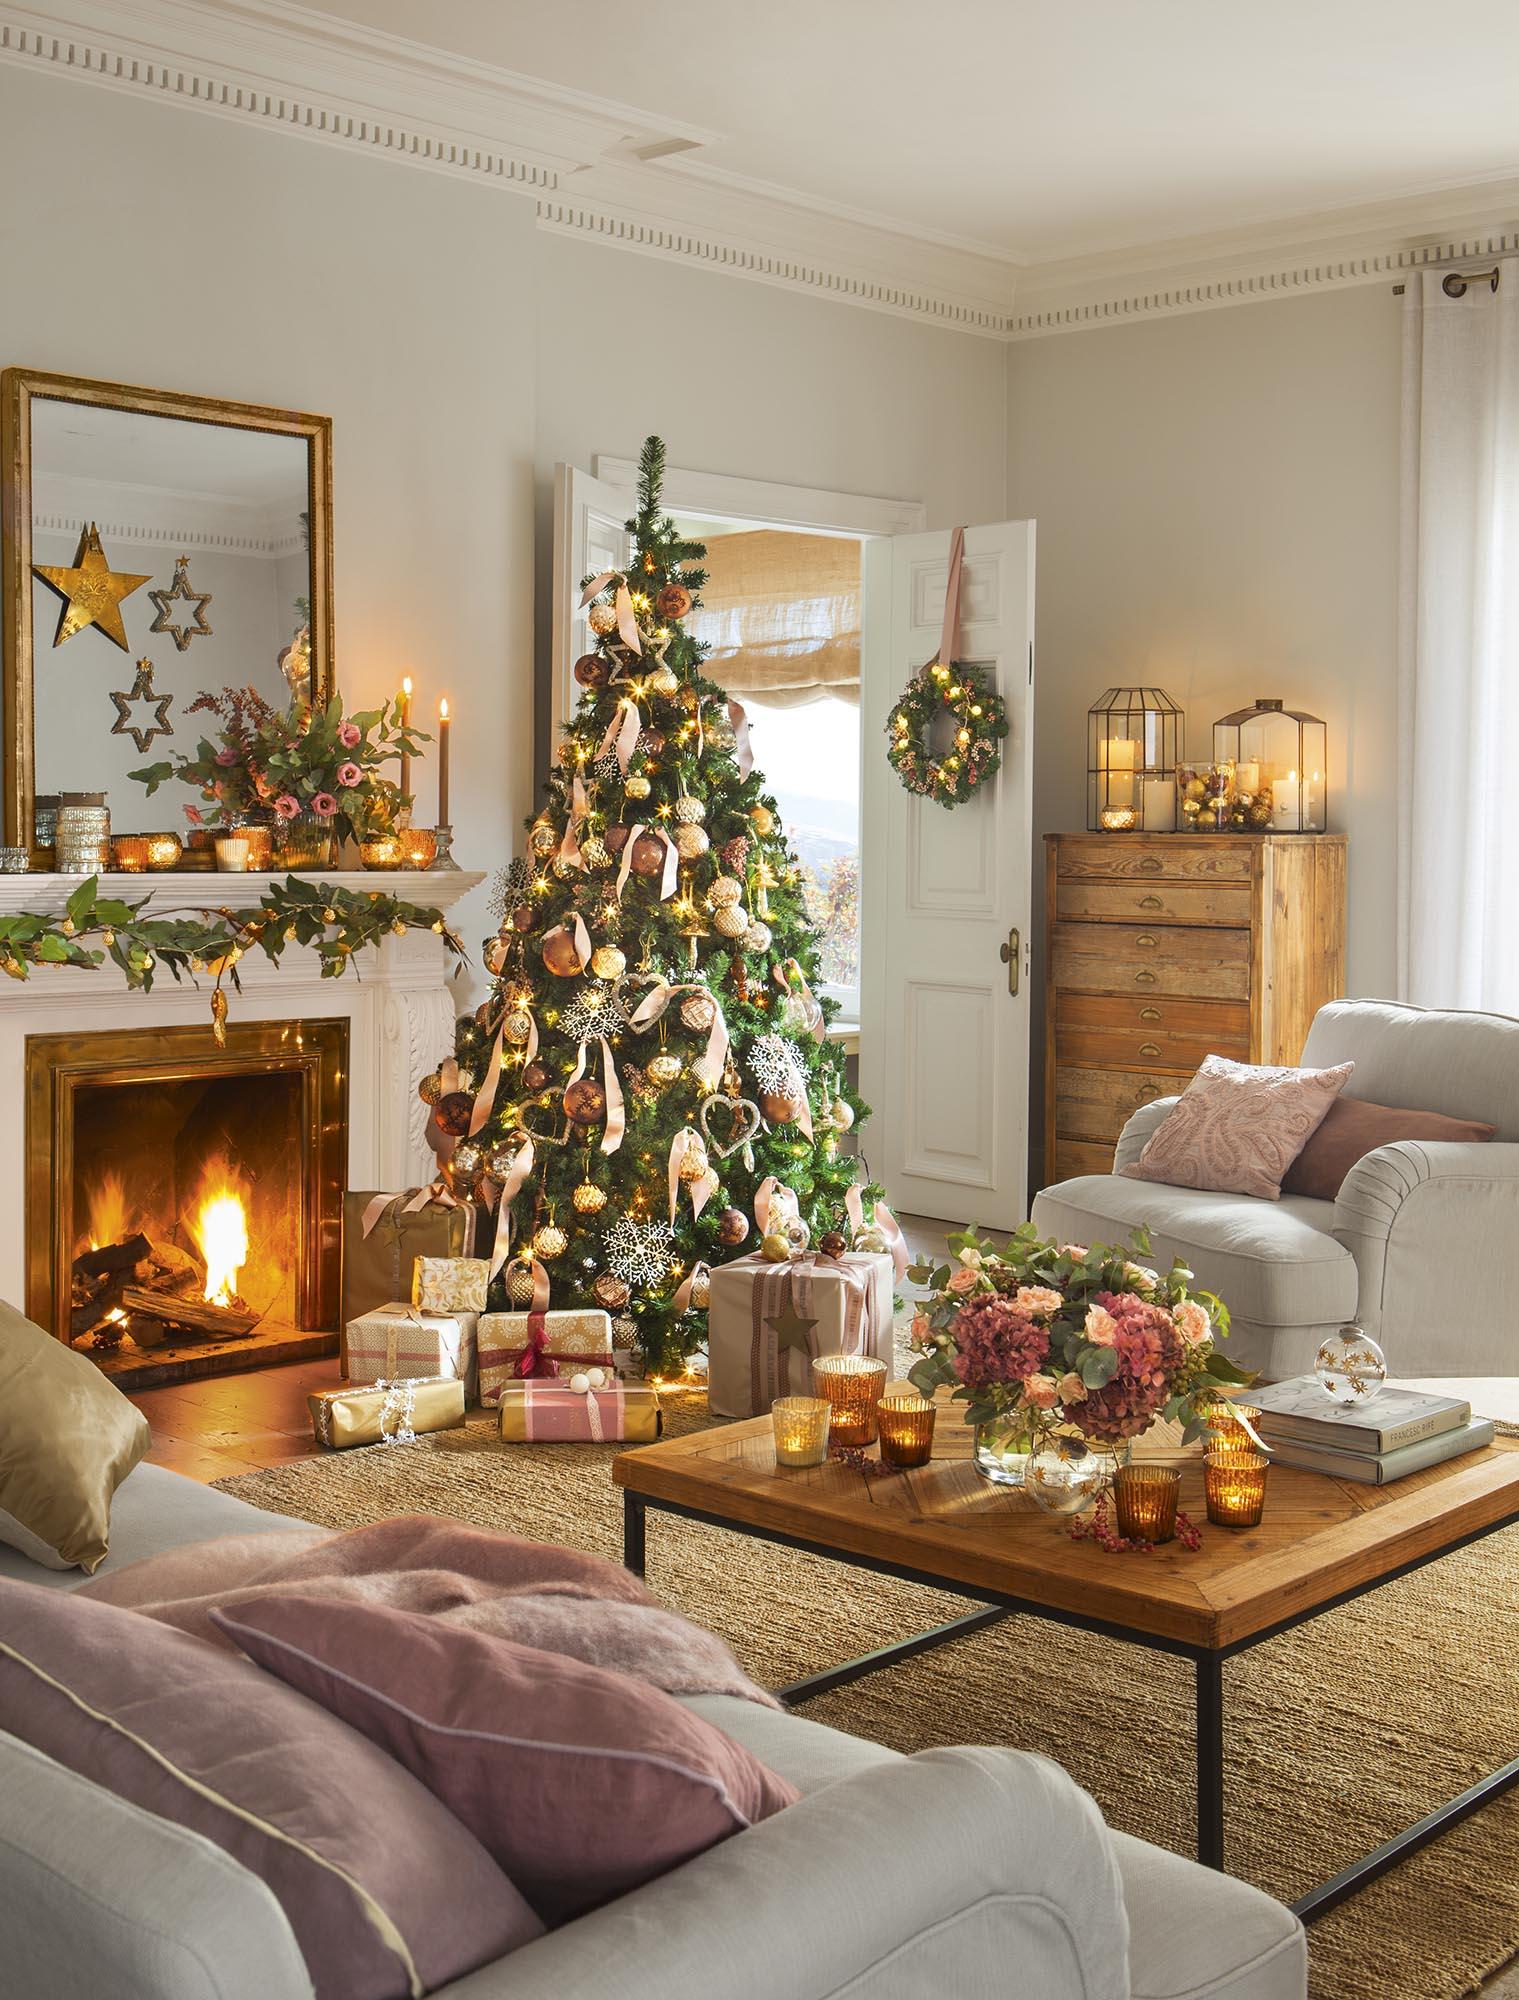 saln decorado de navidad con rbol con detalles dorados y rosas - Decoracion Arboles De Navidad